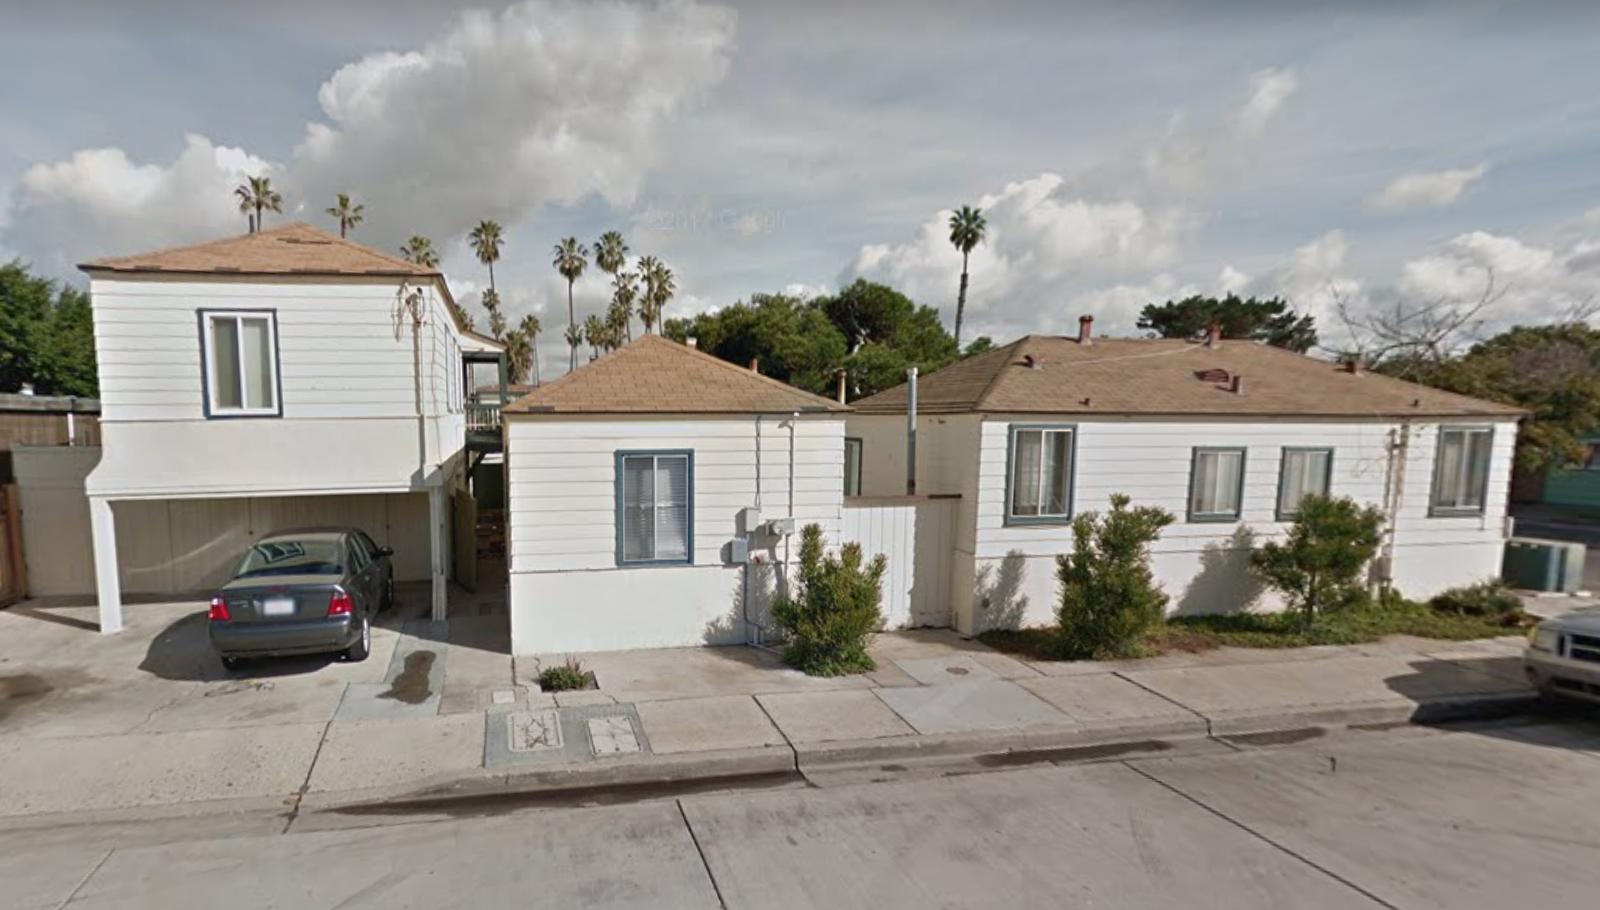 2138 Abbott Street - Ocean Beach7 Units$1,650,000